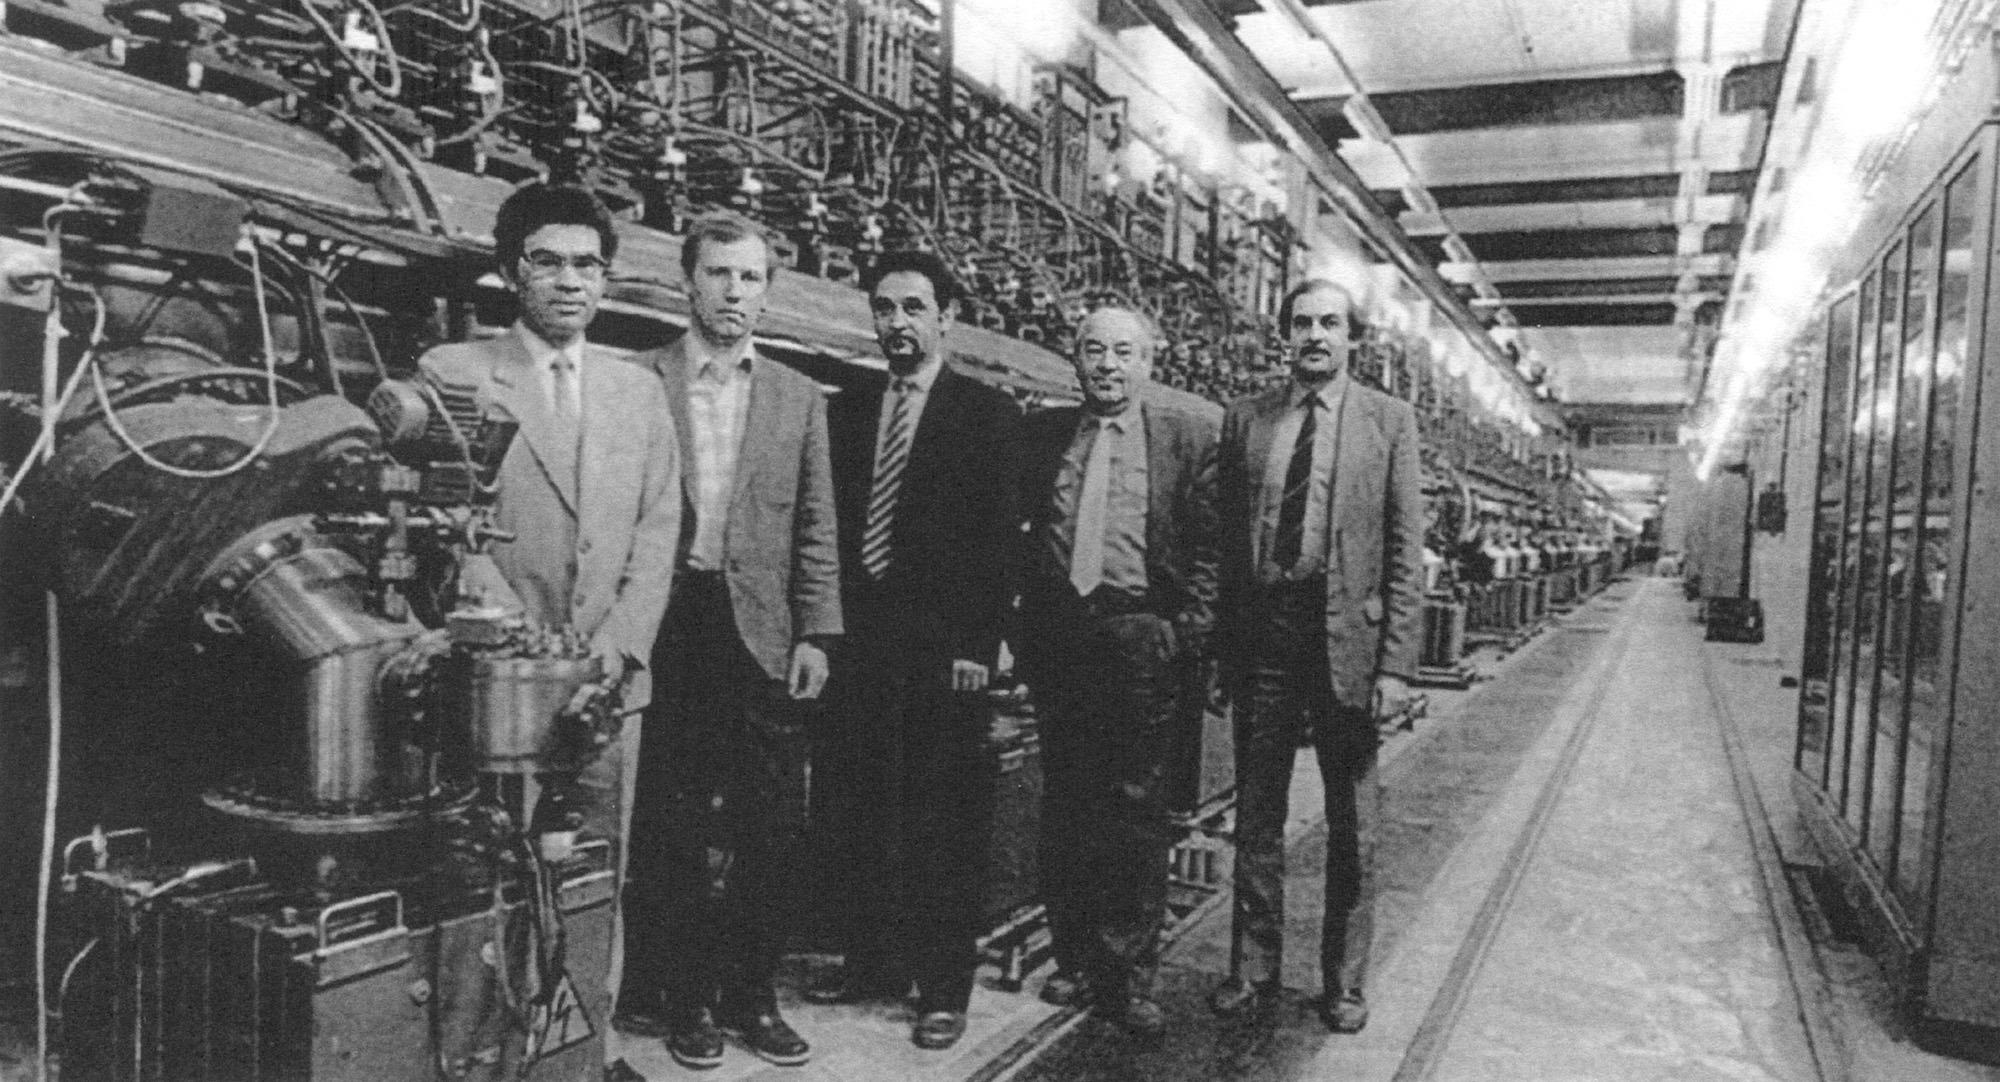 В тоннеле ускорителя после запуска его начальной части и получения энергии пучка 100 МэВ, 1990 год. Слева направо: П. Н. Остроумов, А. В. Фещенко, В. Л. Серов, С. К. Есин, Л. В. Кравчук. Из архива ИЯИ